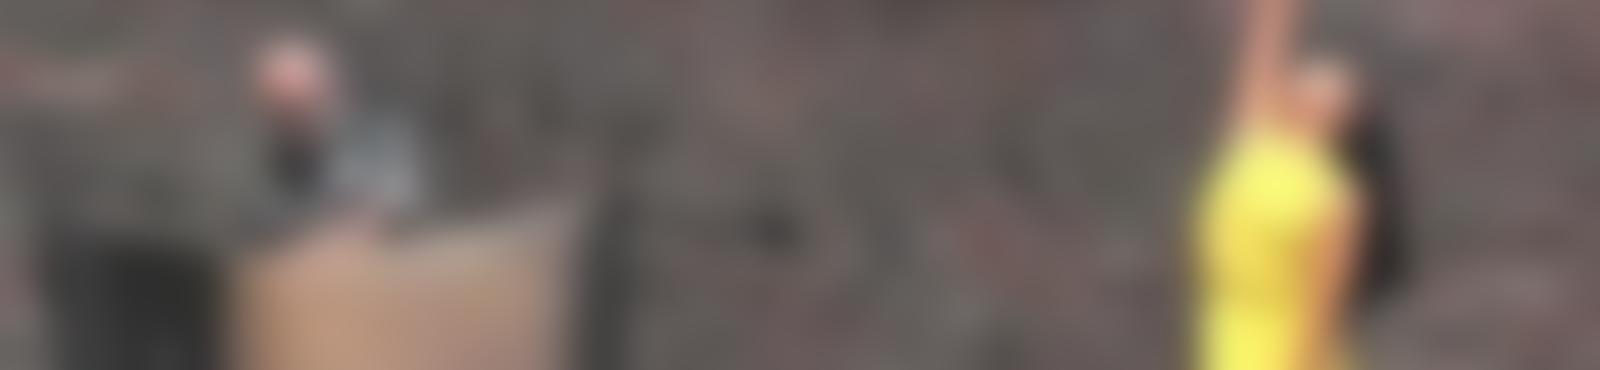 Blurred cb930cf9 d3da 4347 9e89 d6386bf3b42c